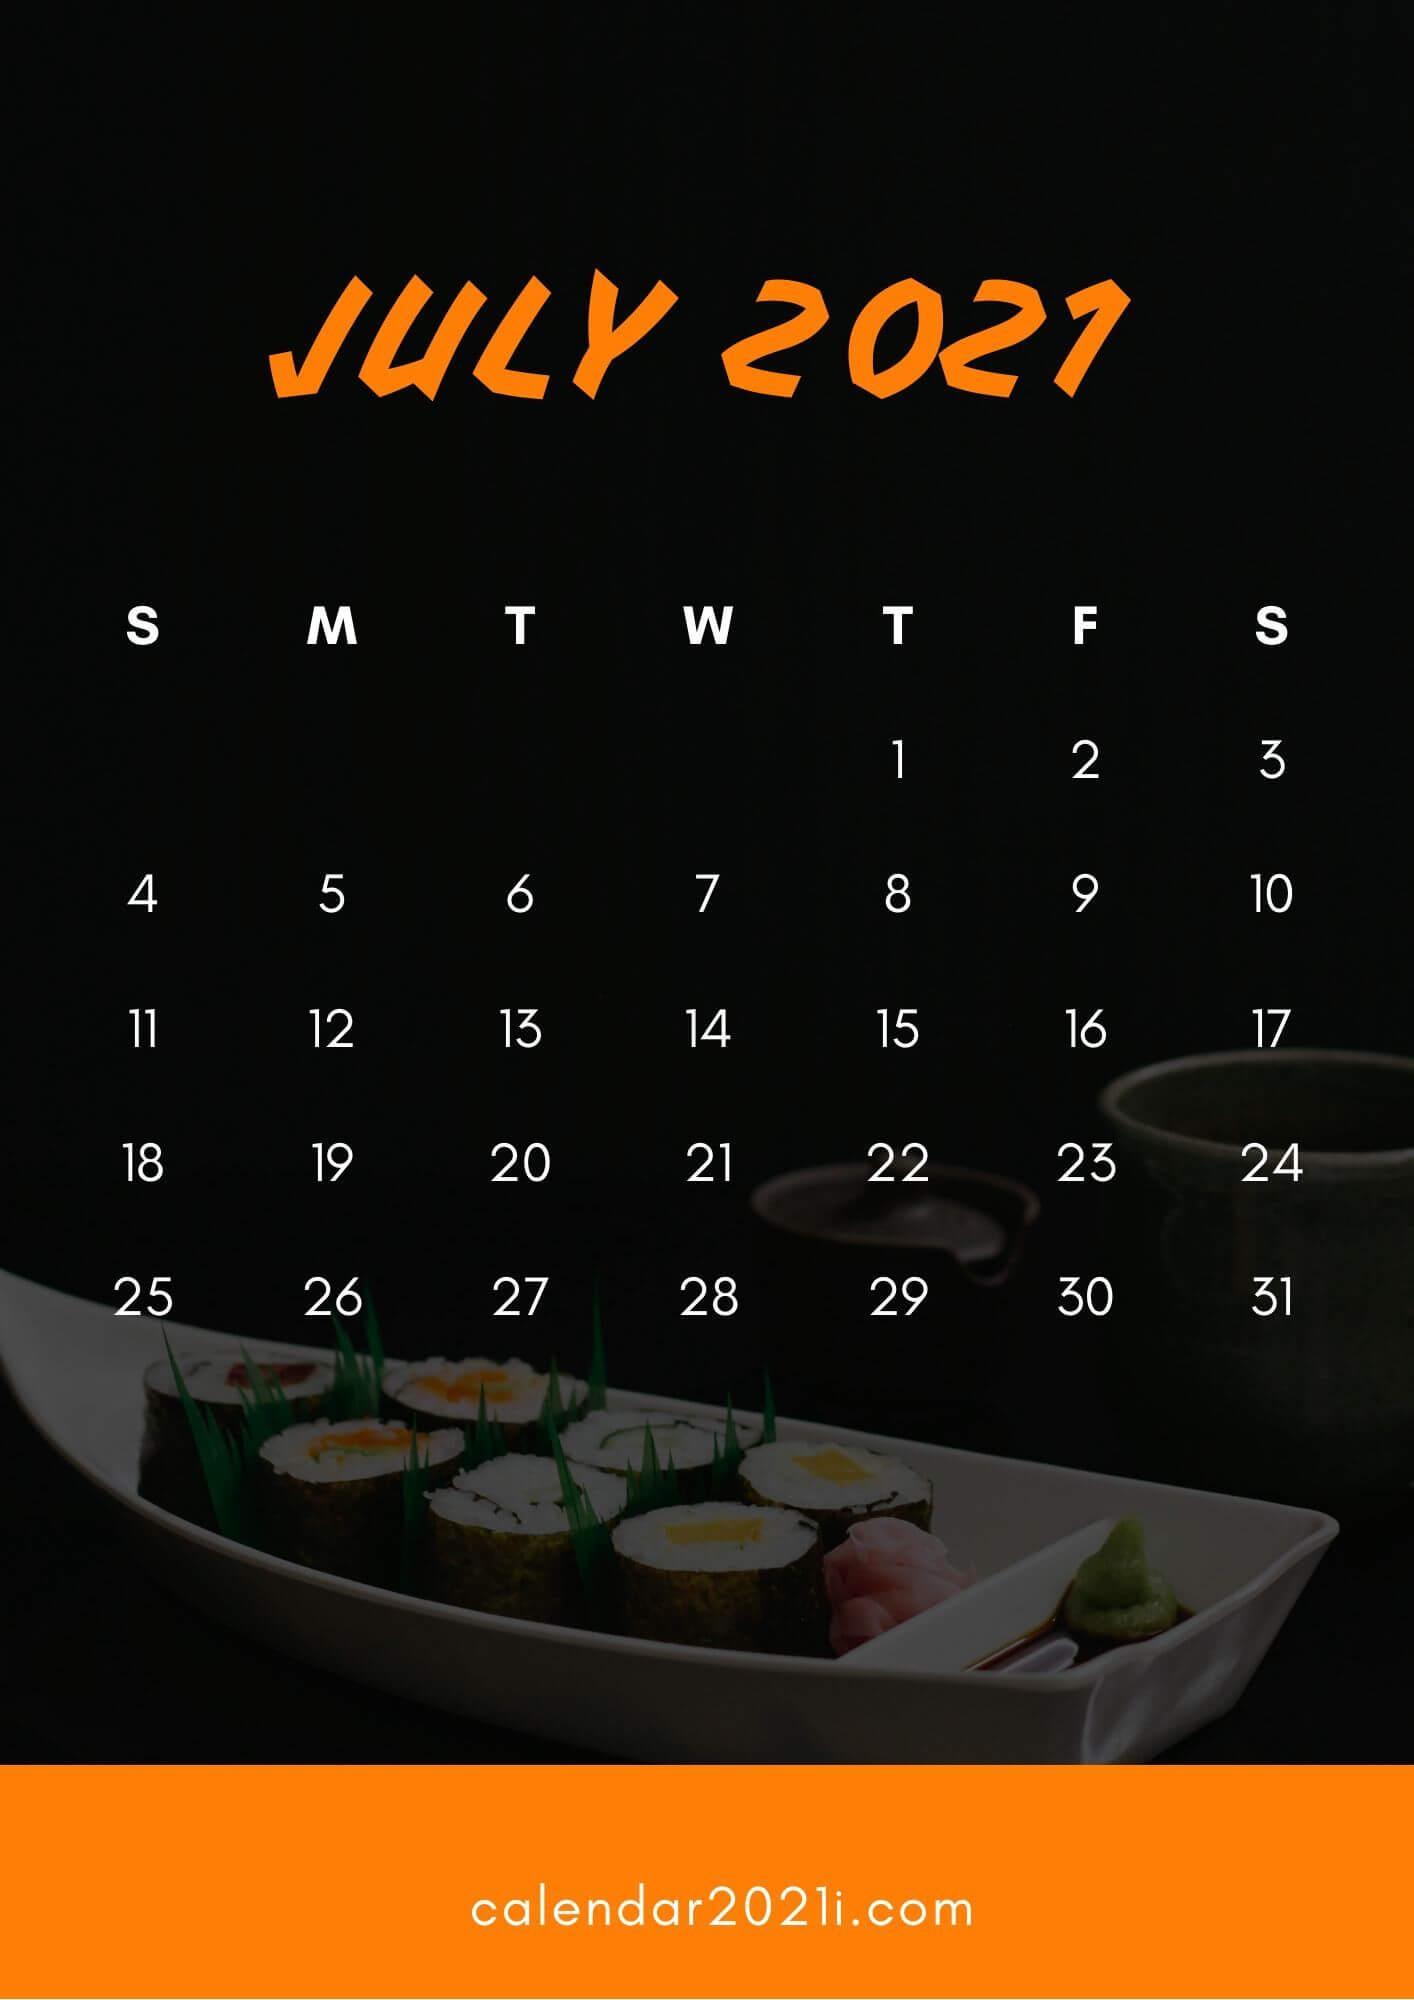 July 2021 Calendar Wallpaper